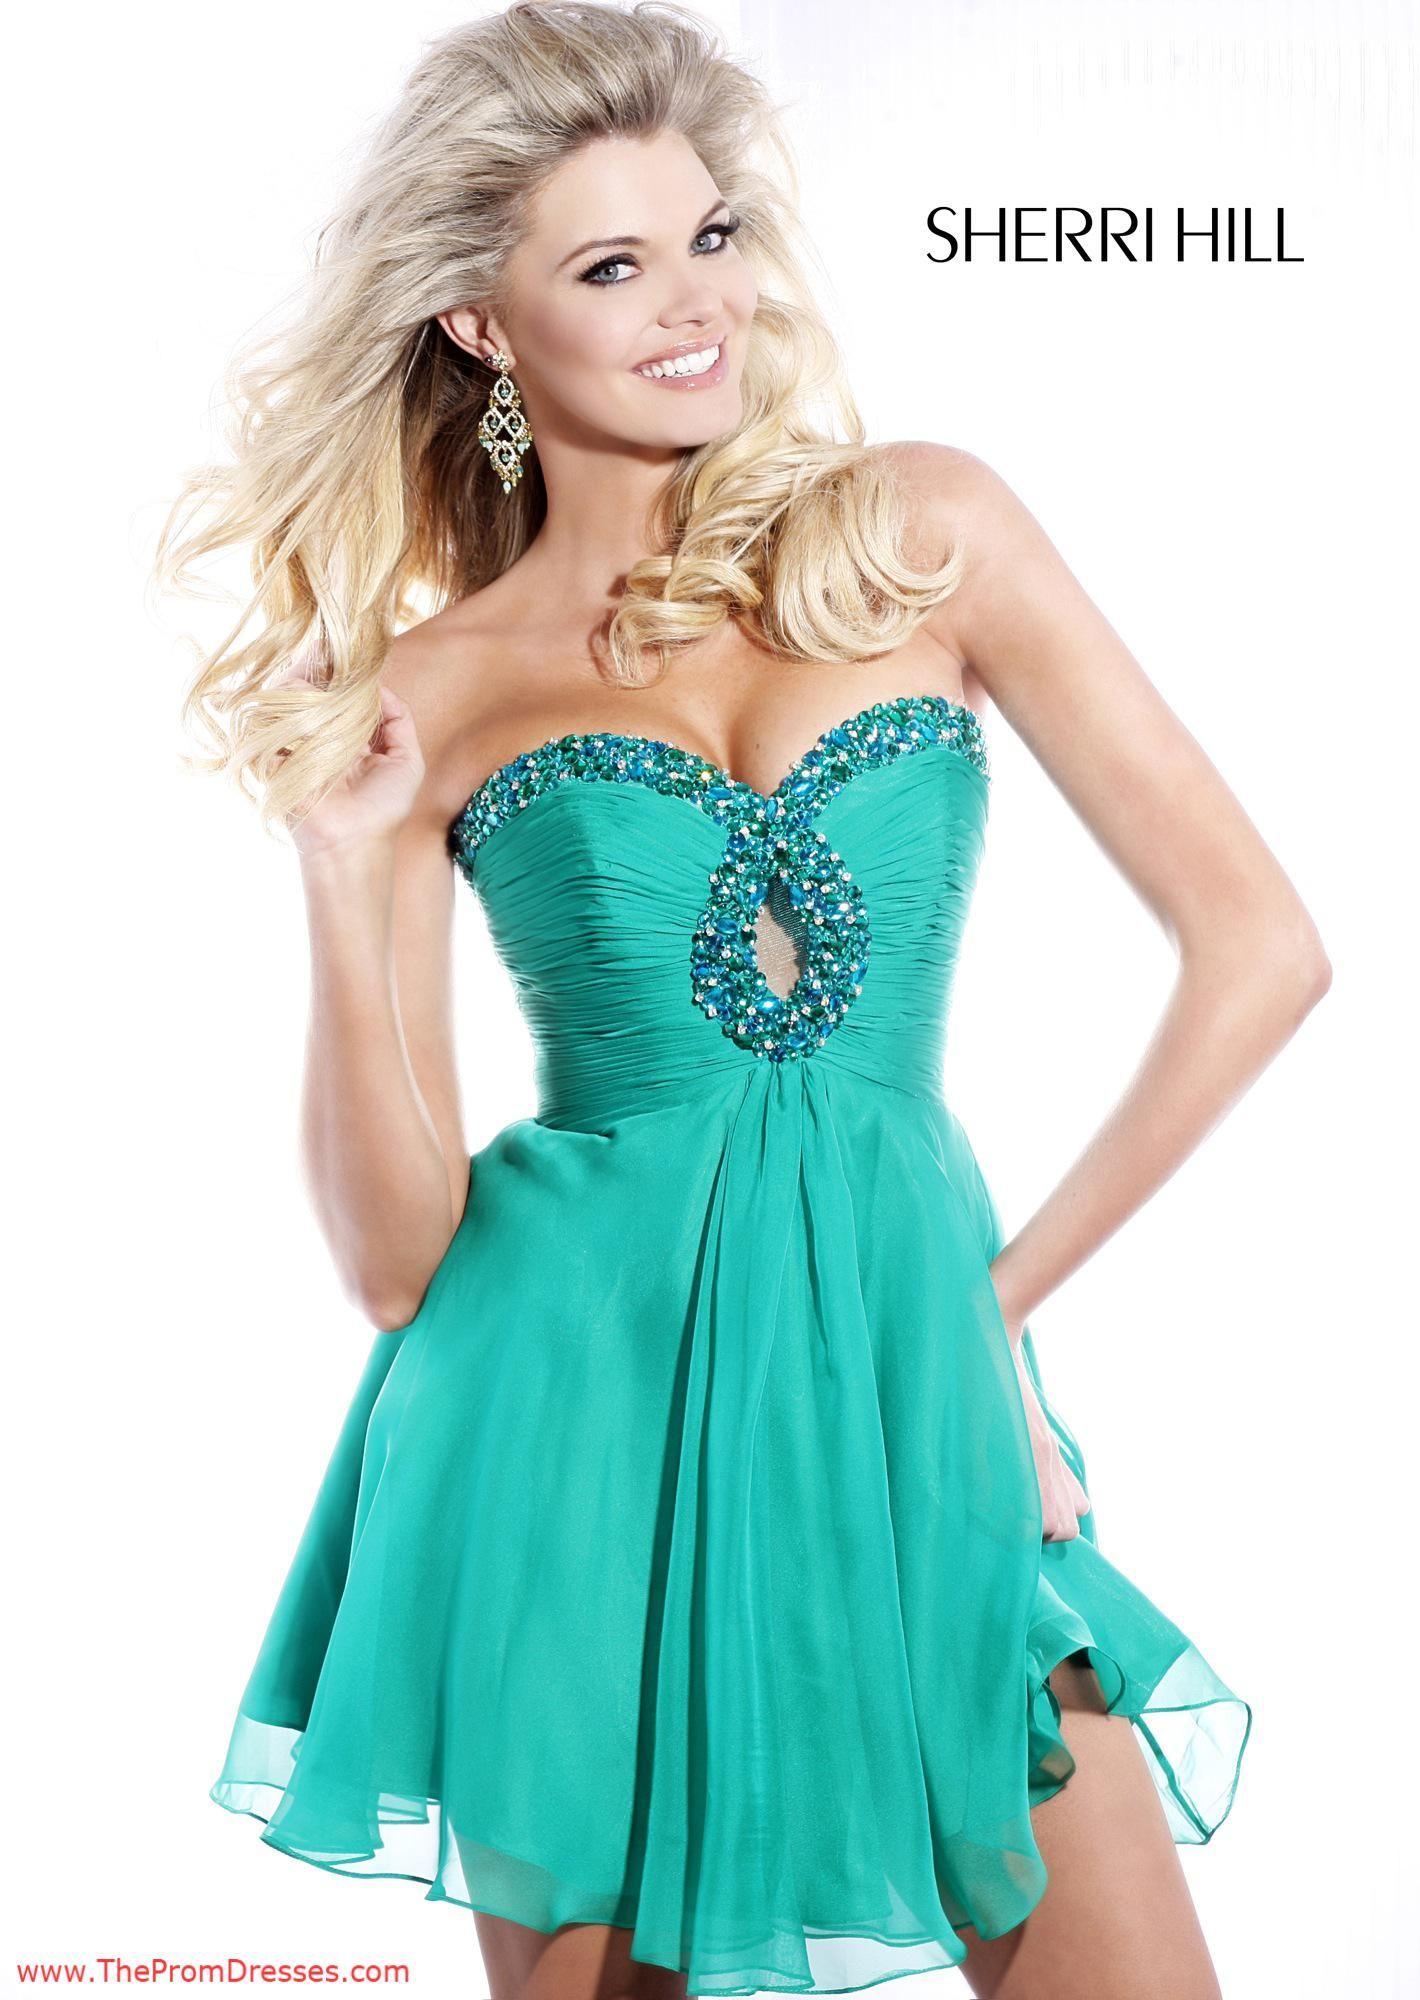 Sherri Hill 2944 Teal Dress | Most Popular Dress Styles ...